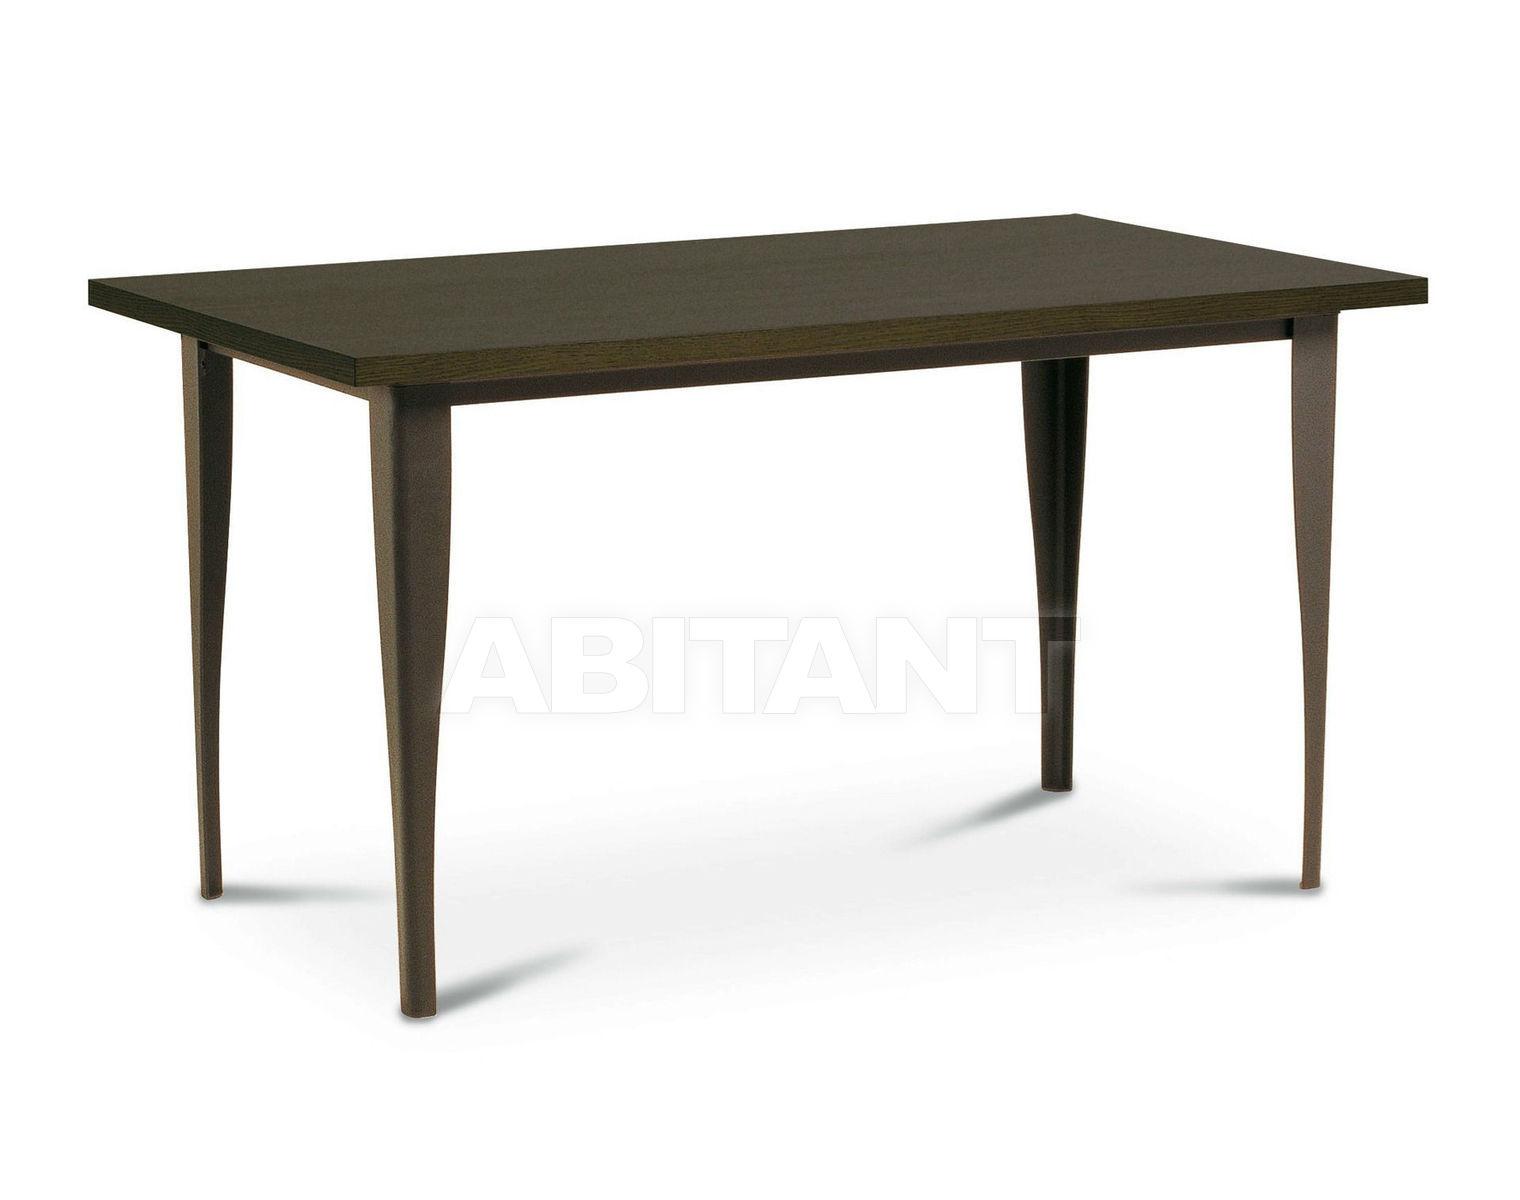 Купить Стол обеденный Alicante Cantori Classic 1727.0000.53.PL1.80.140